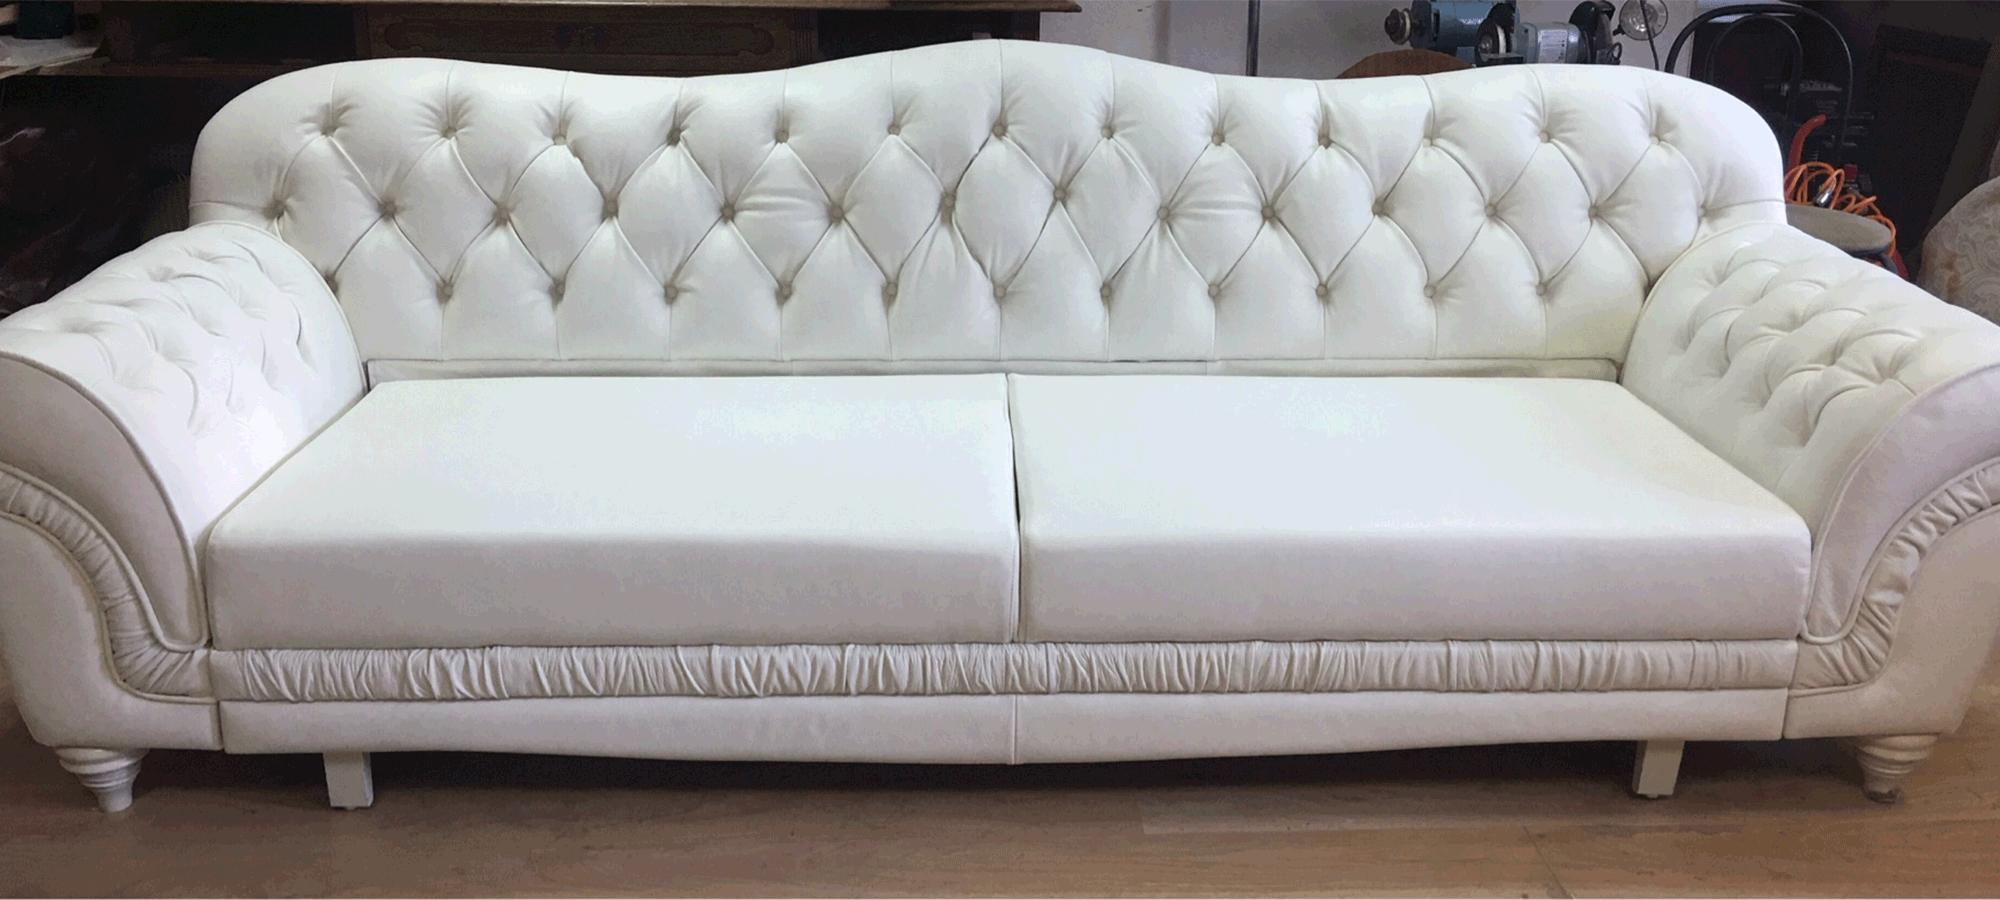 Реставрация кожаной мебели